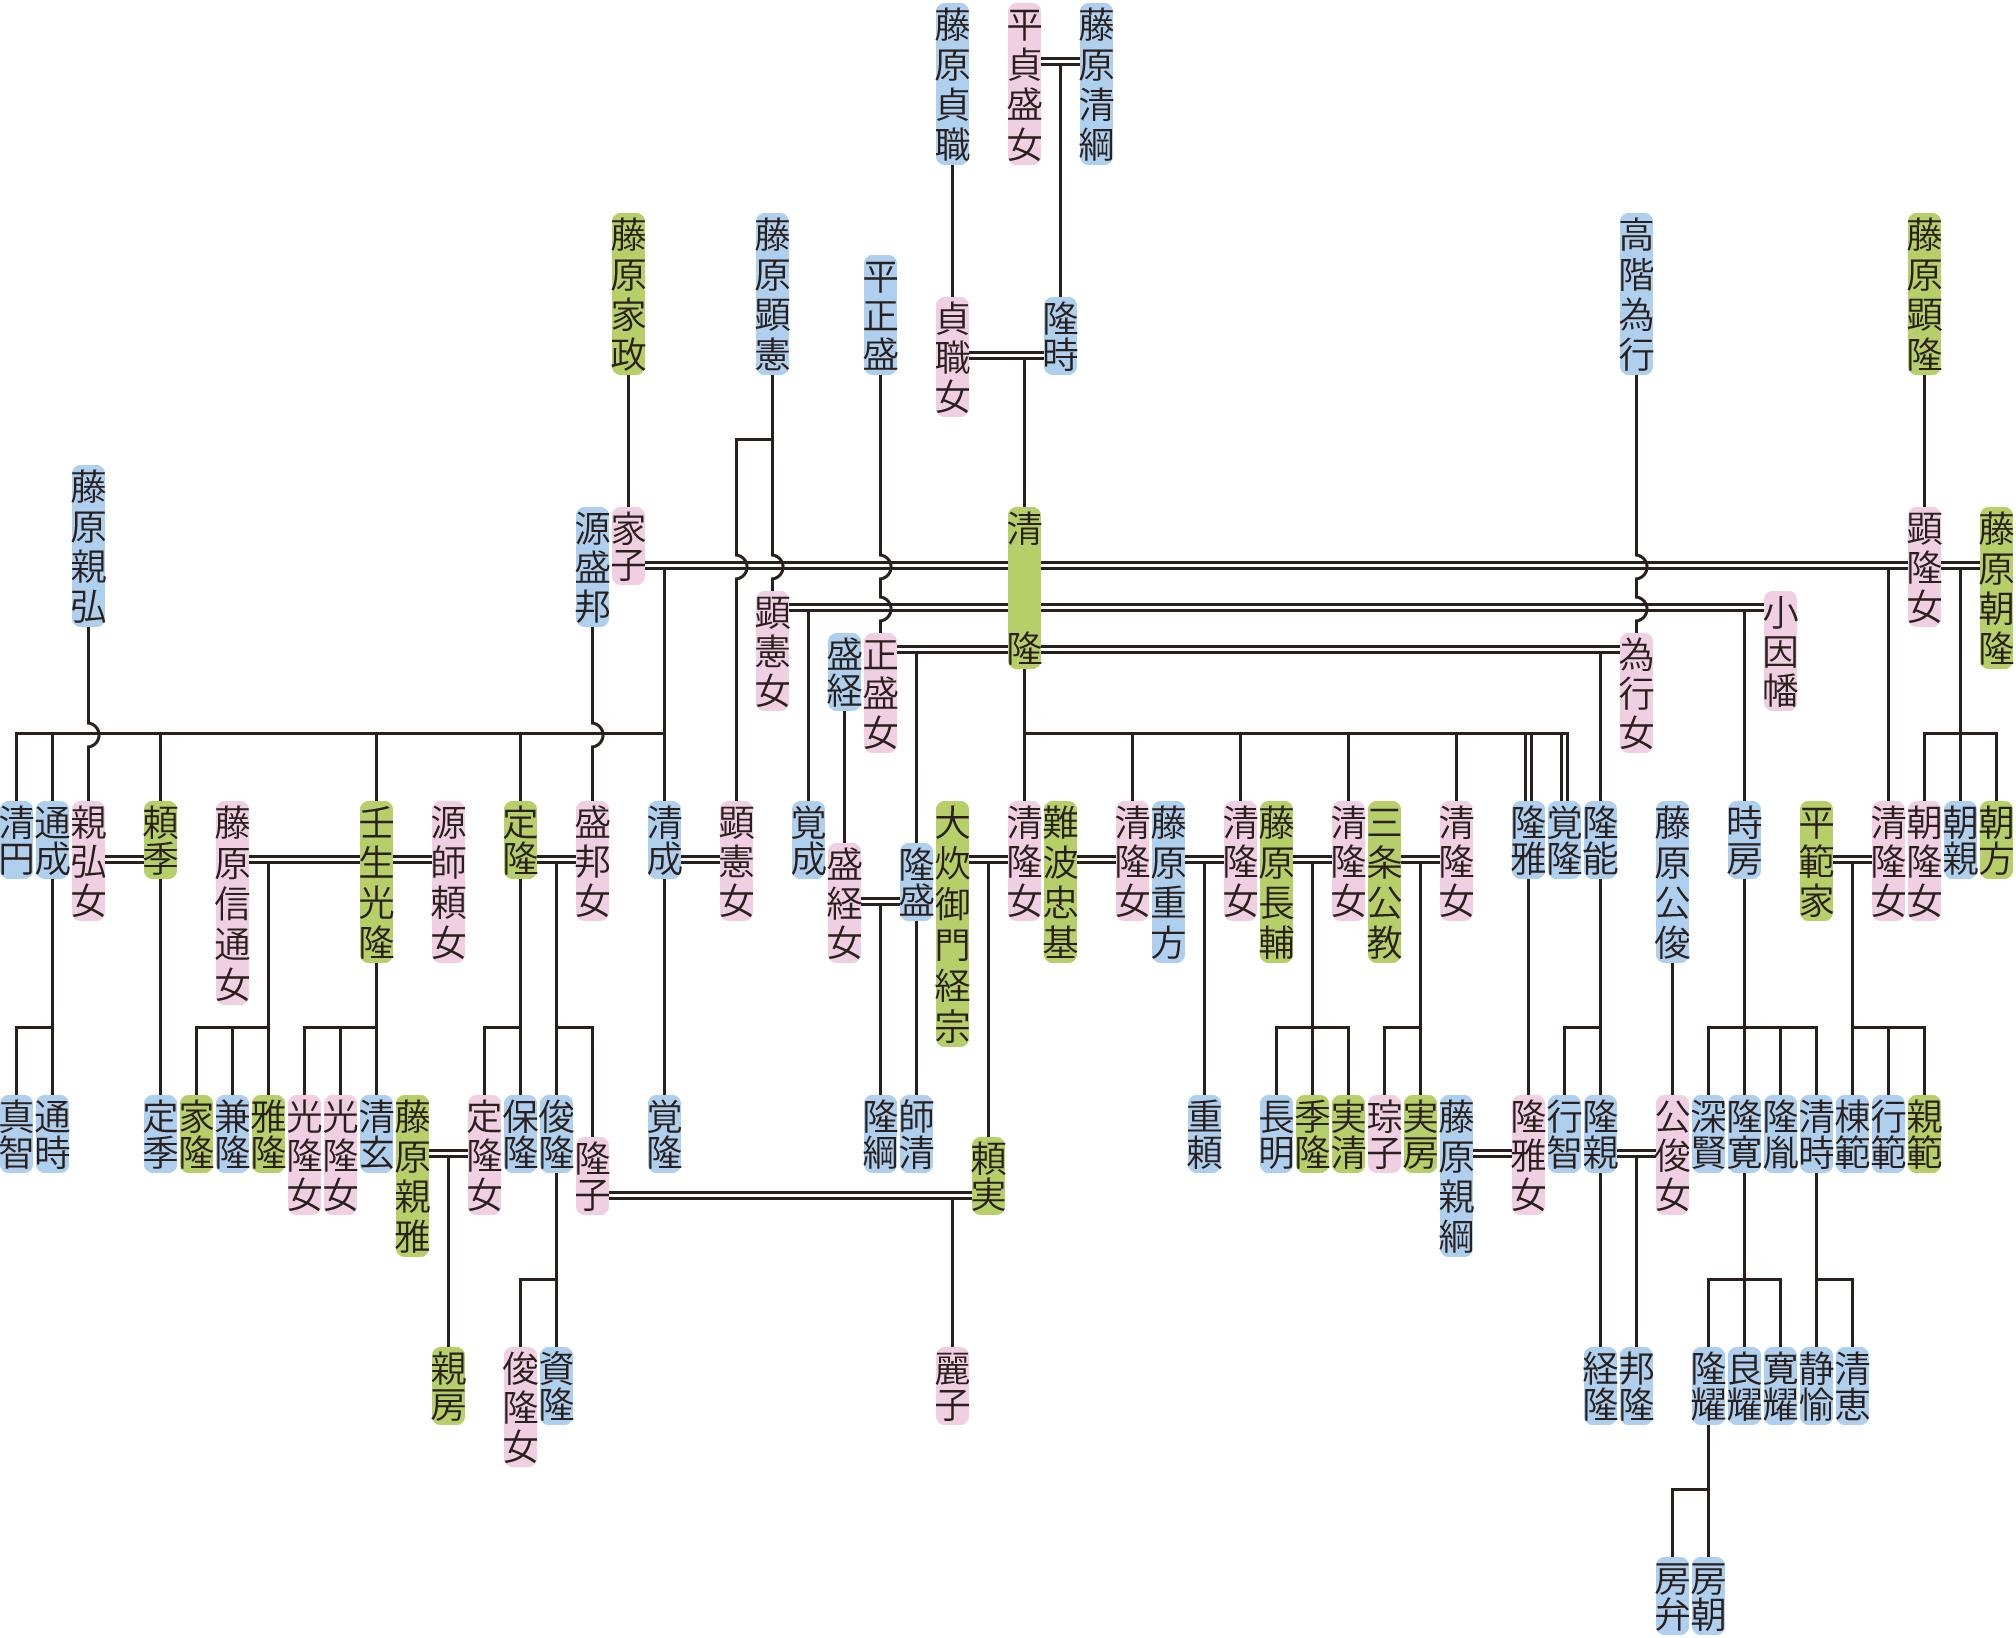 藤原清隆の系図